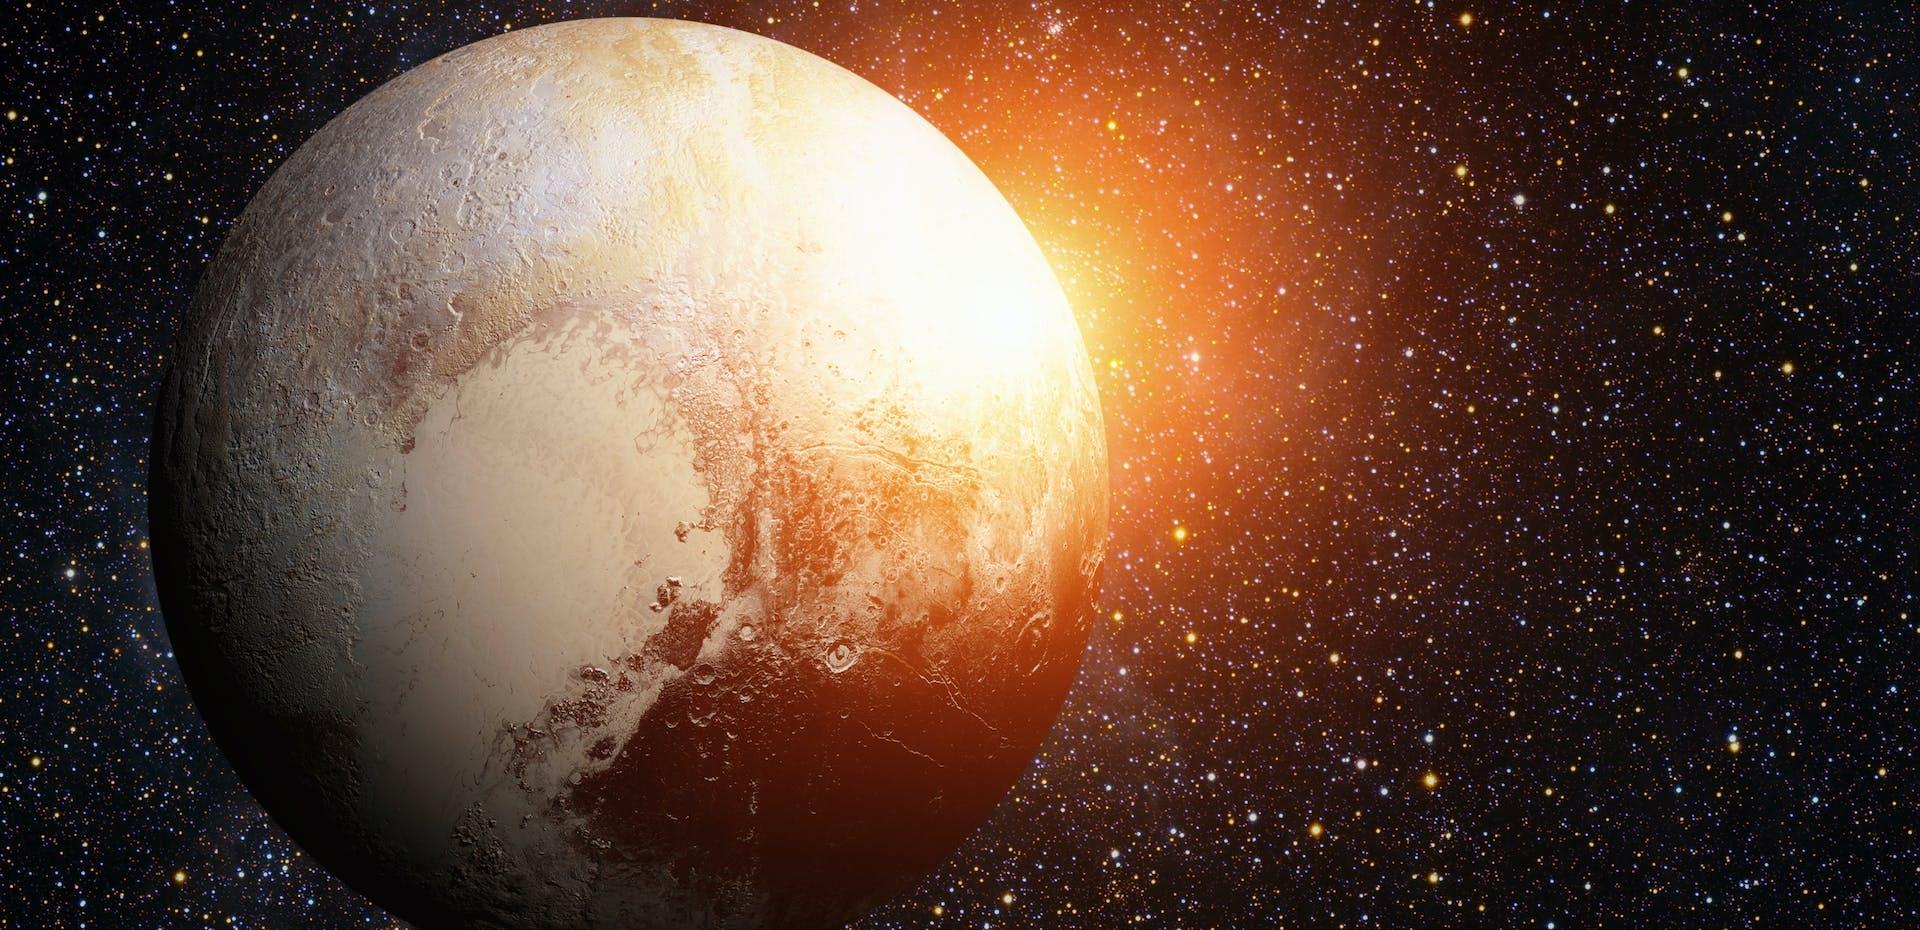 Pluto_planet